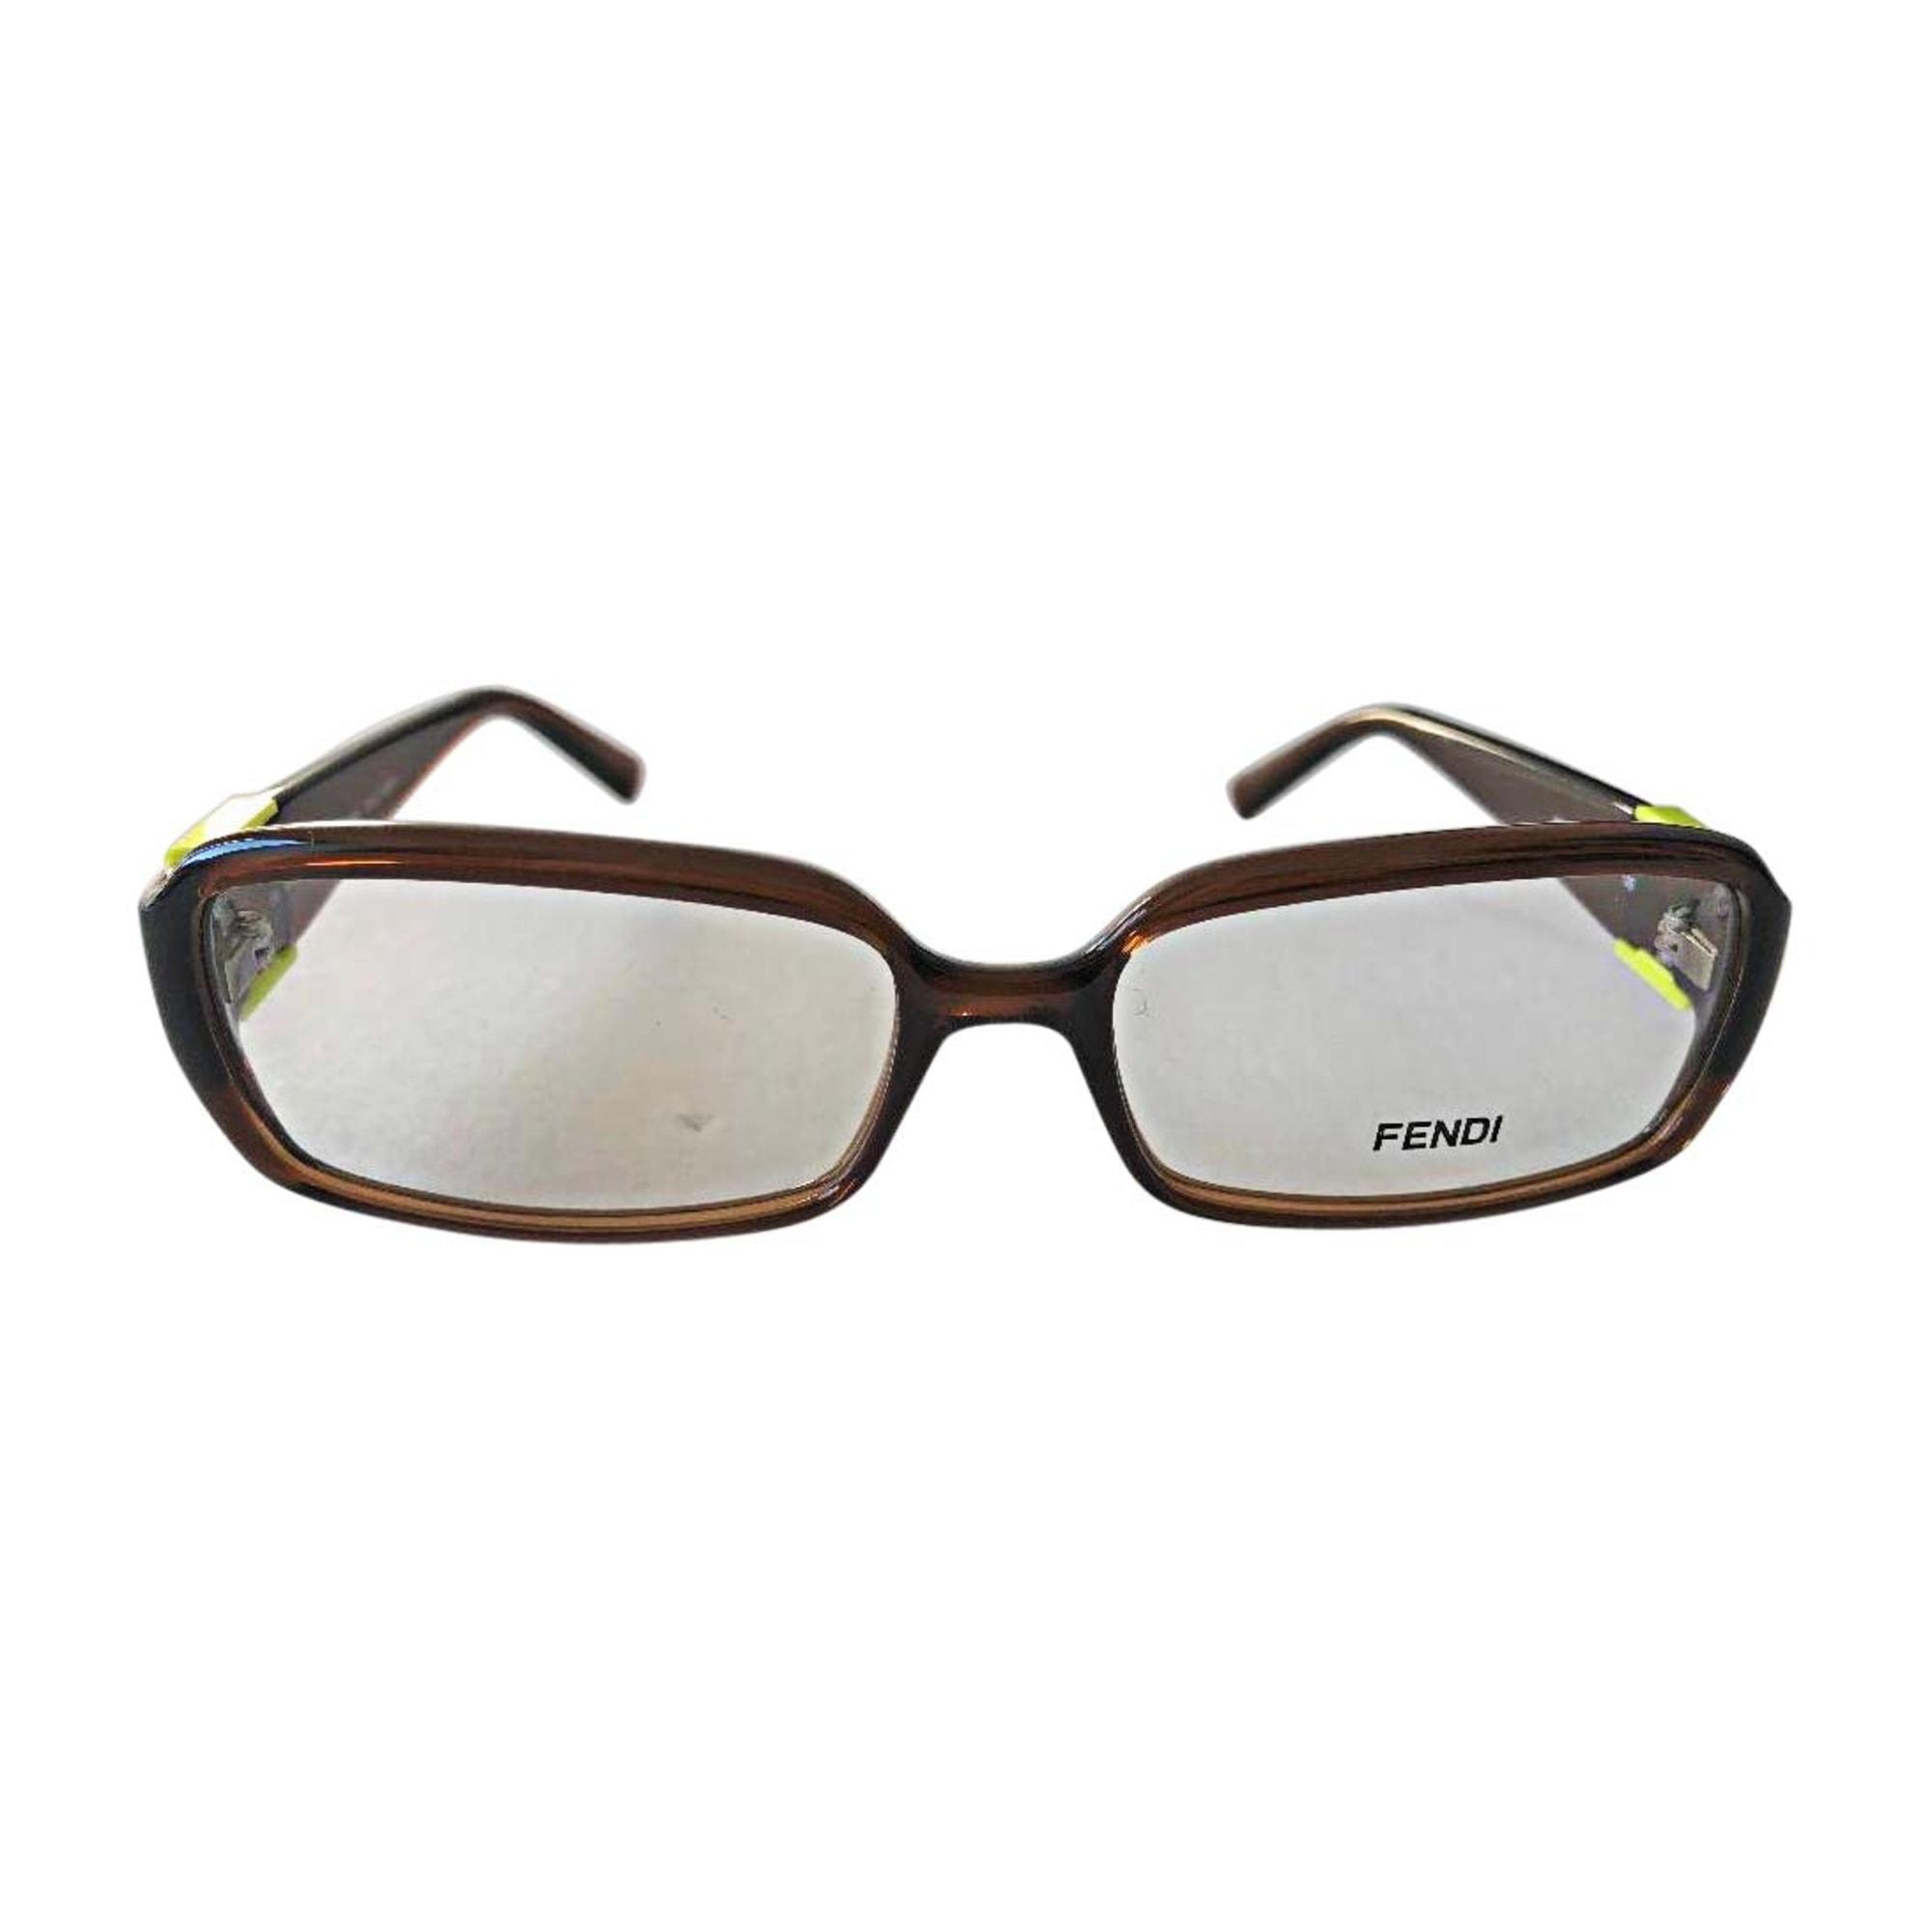 Monture de lunettes FENDI Multicouleur